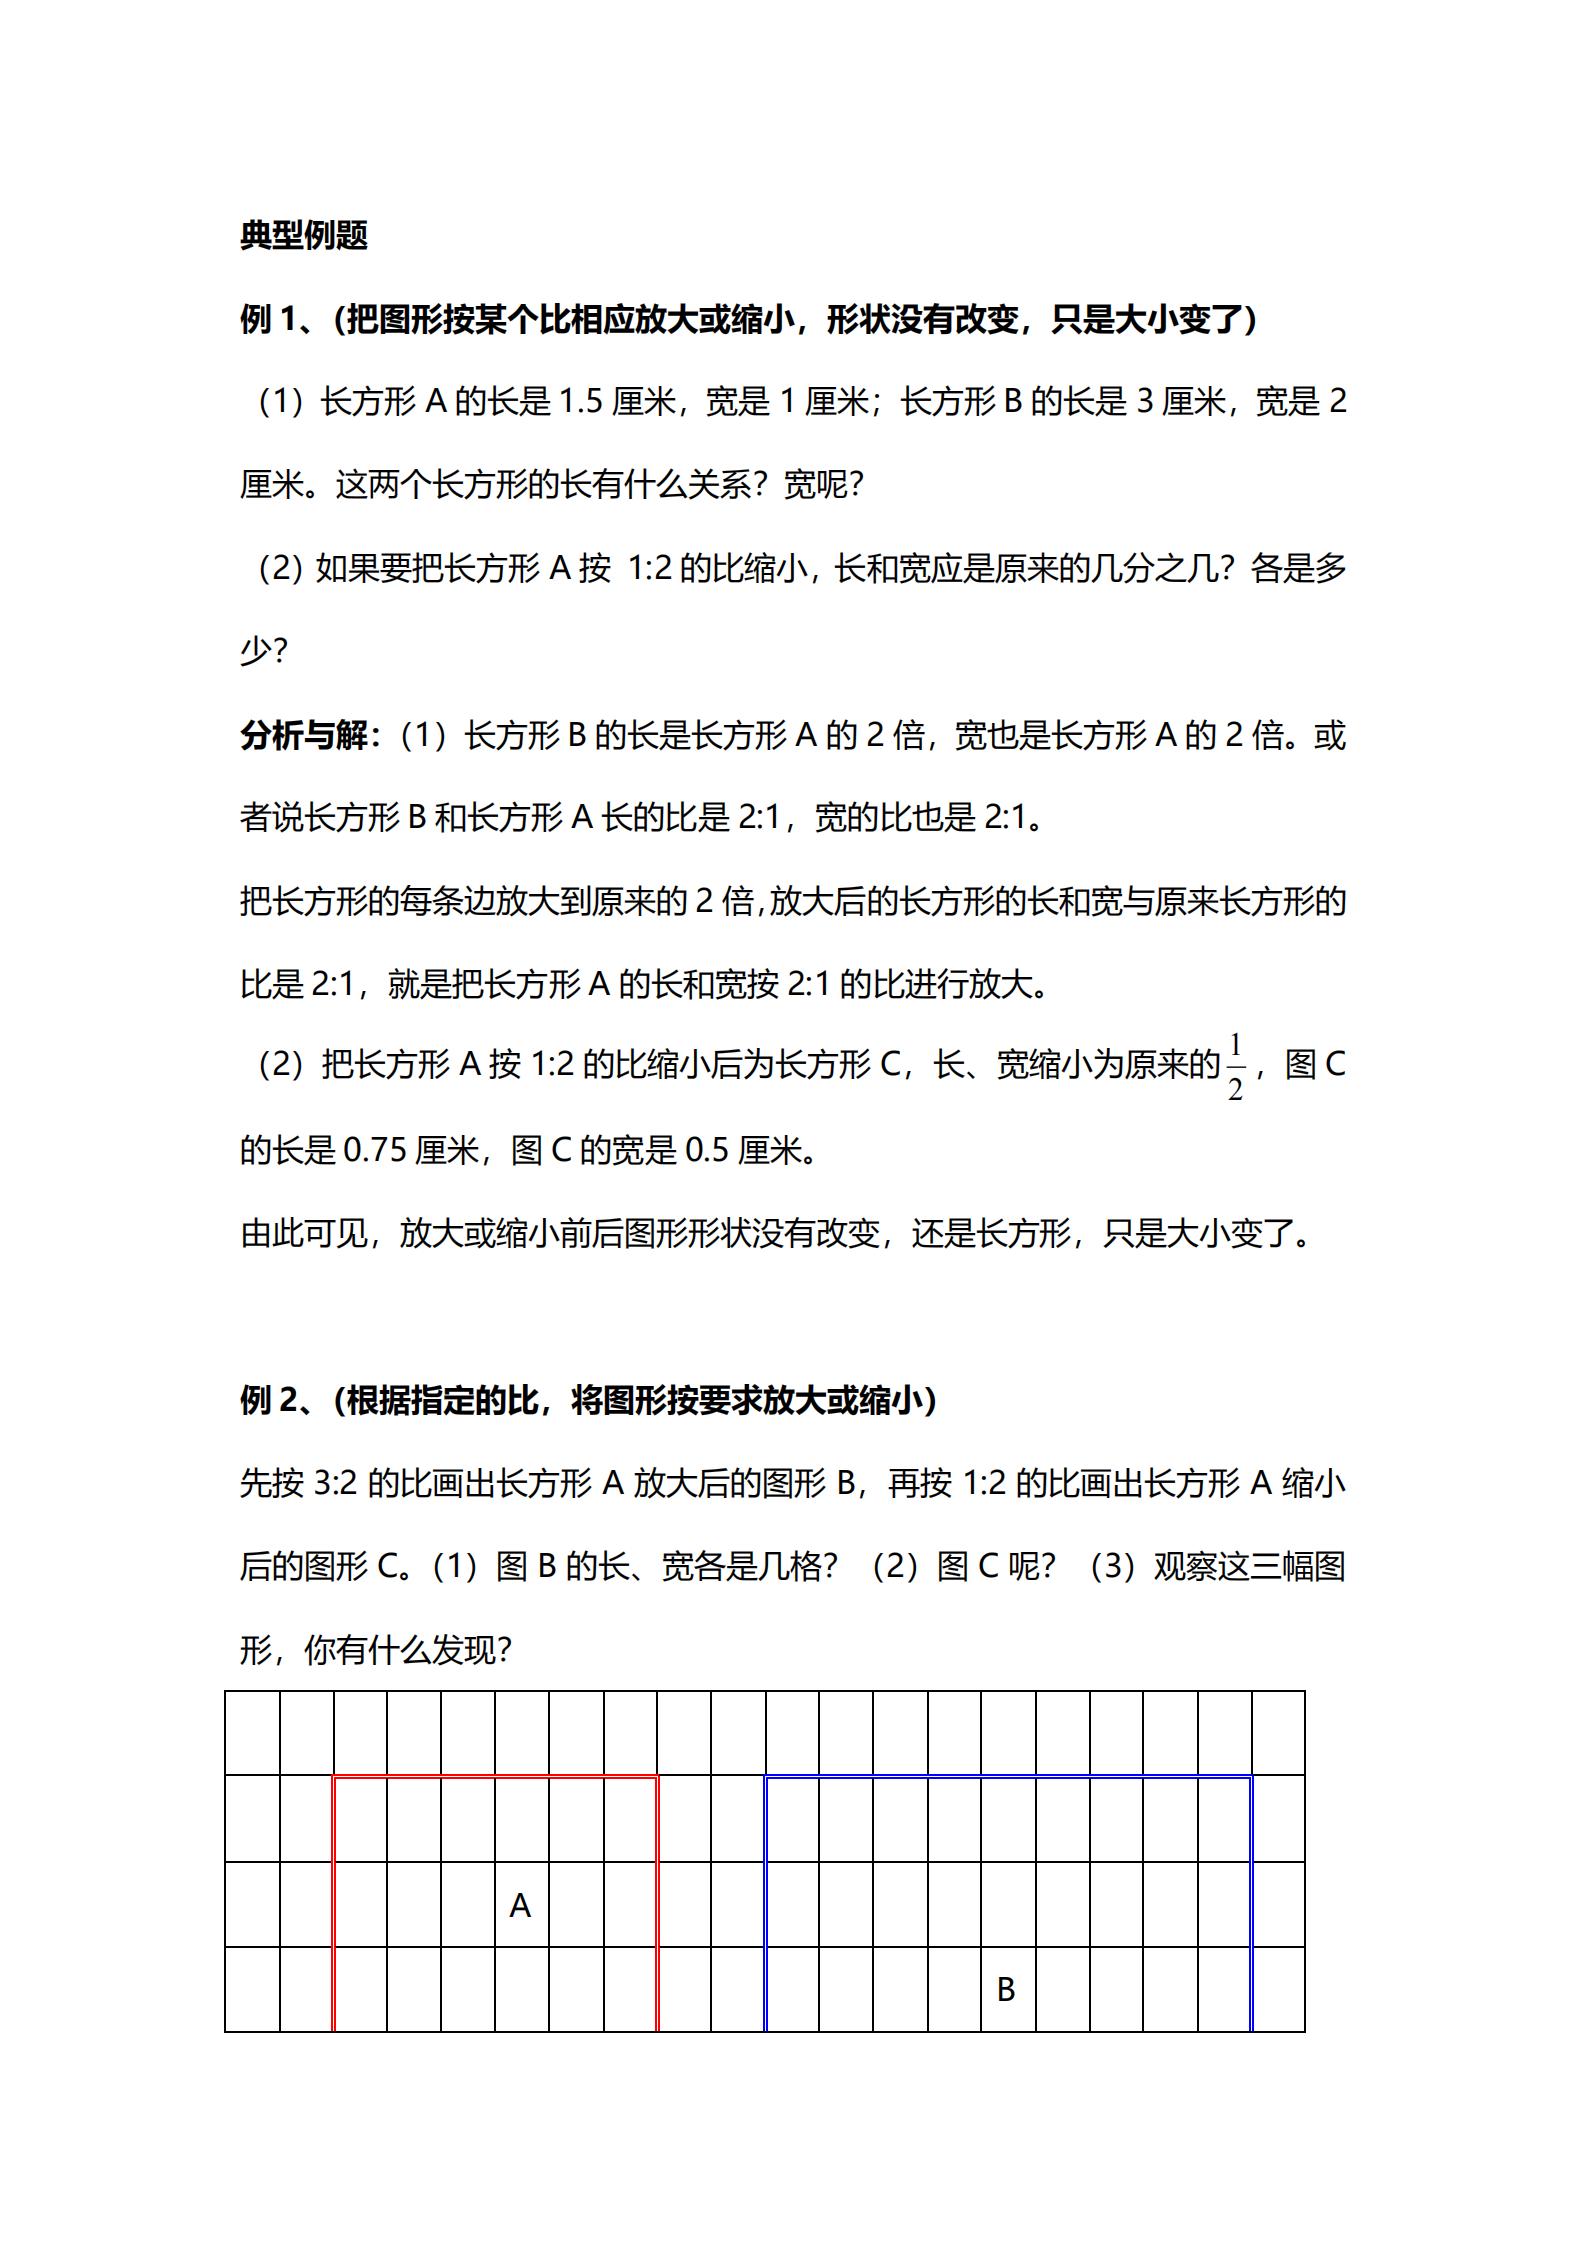 【数学】高频考点-四大专题知识点精选题_15.png